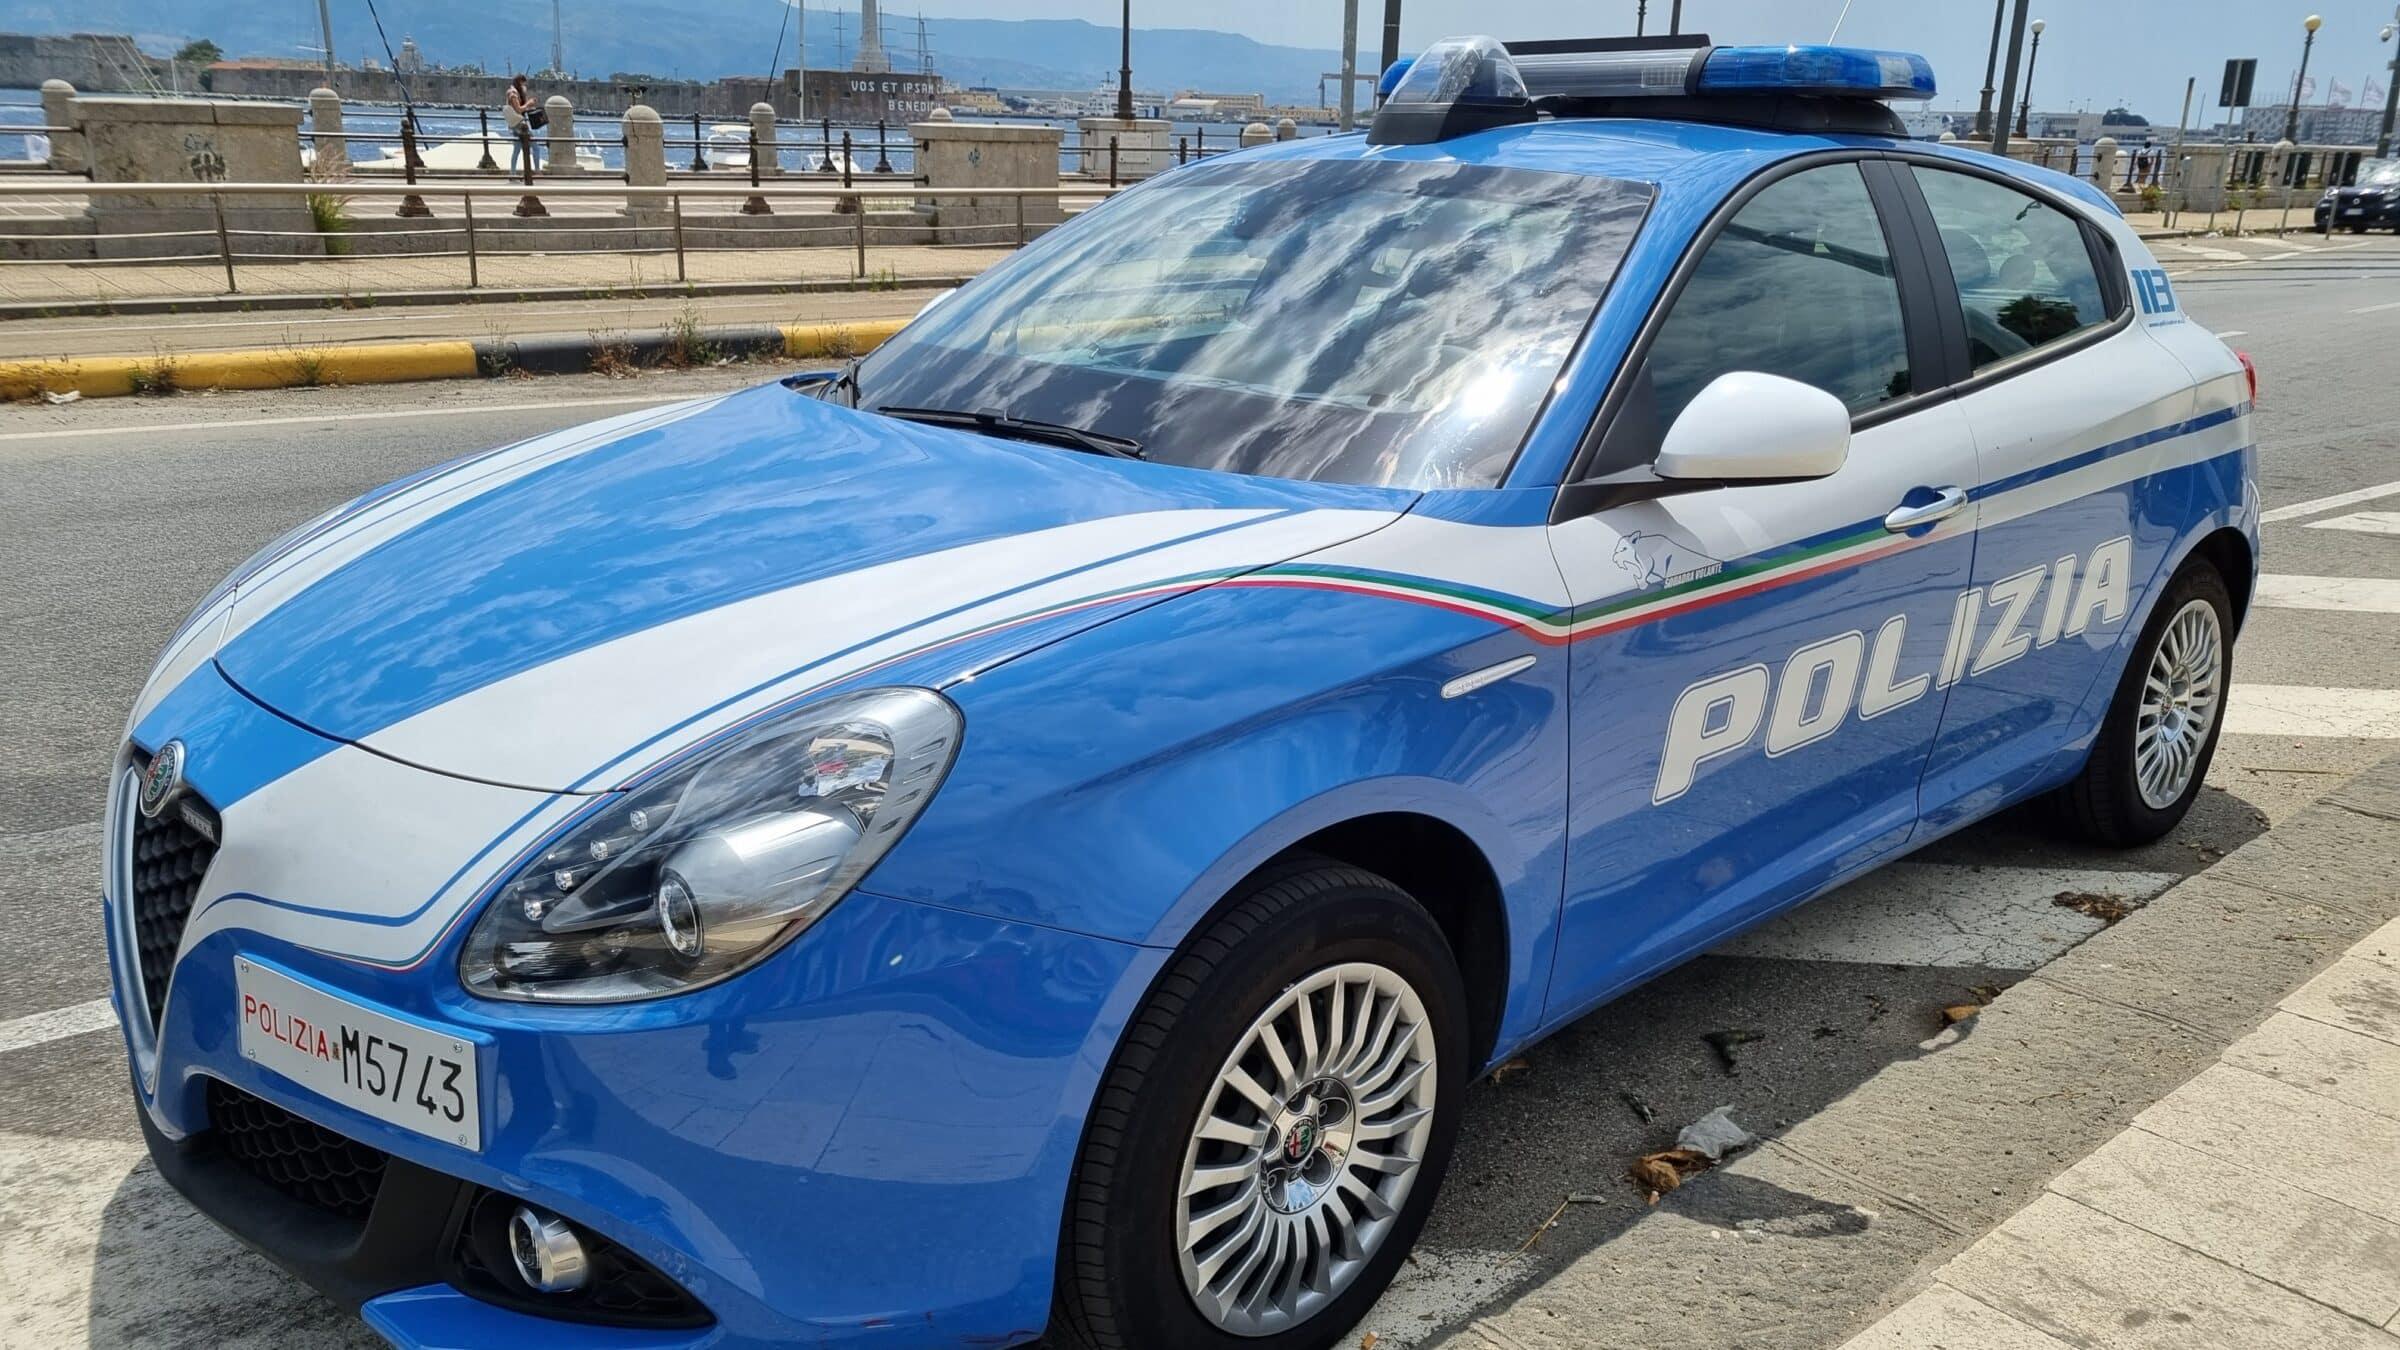 Condomino denuncia lavori abusivi in uno stabile di Catania, minacciato e percosso: una coppia indagata